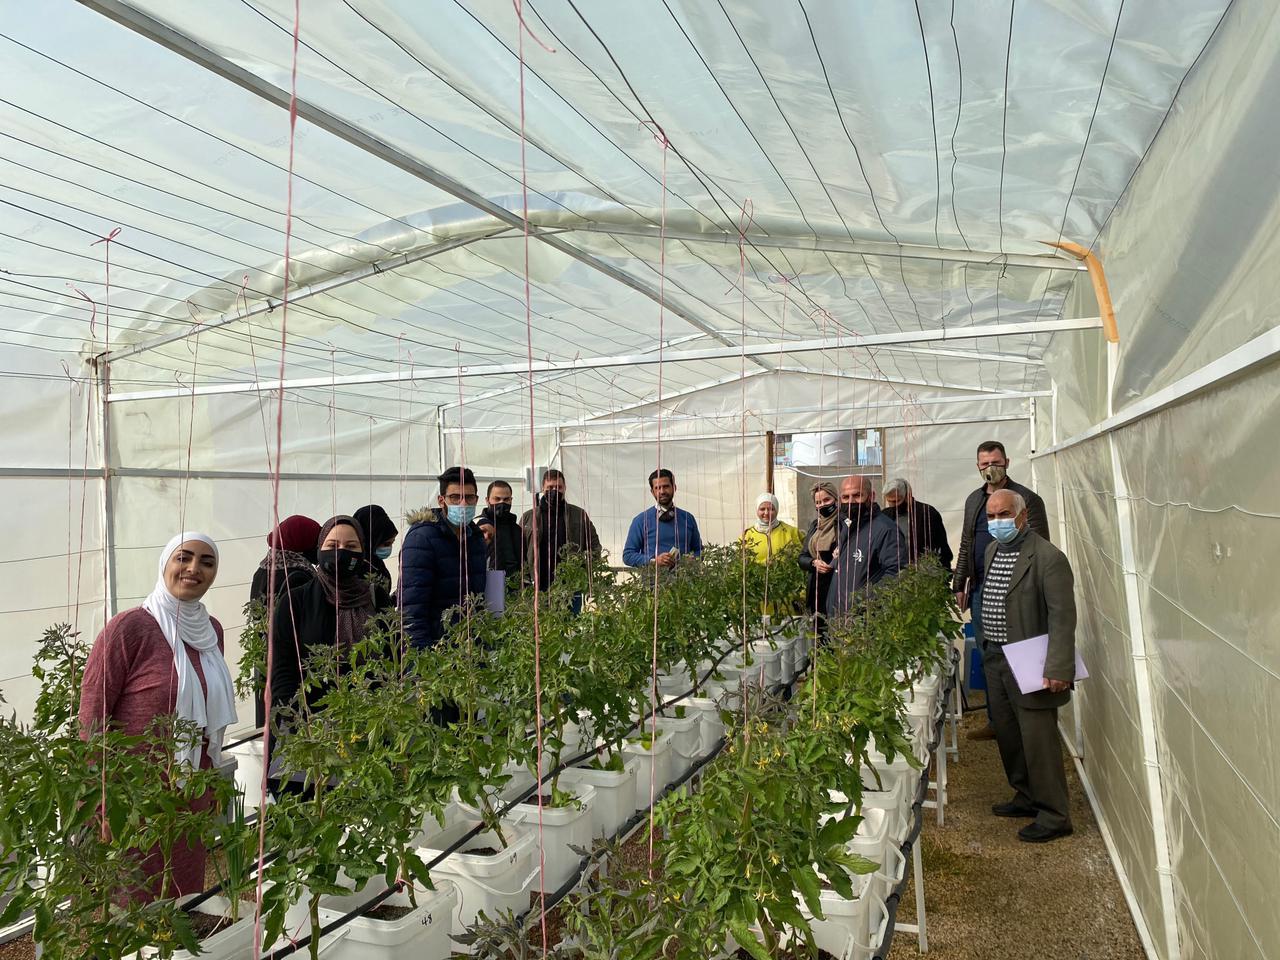 اختتام مشروع تعزيز الأمن الغذائي من خلال أنظمة الزراعة الحضرية في الأردن